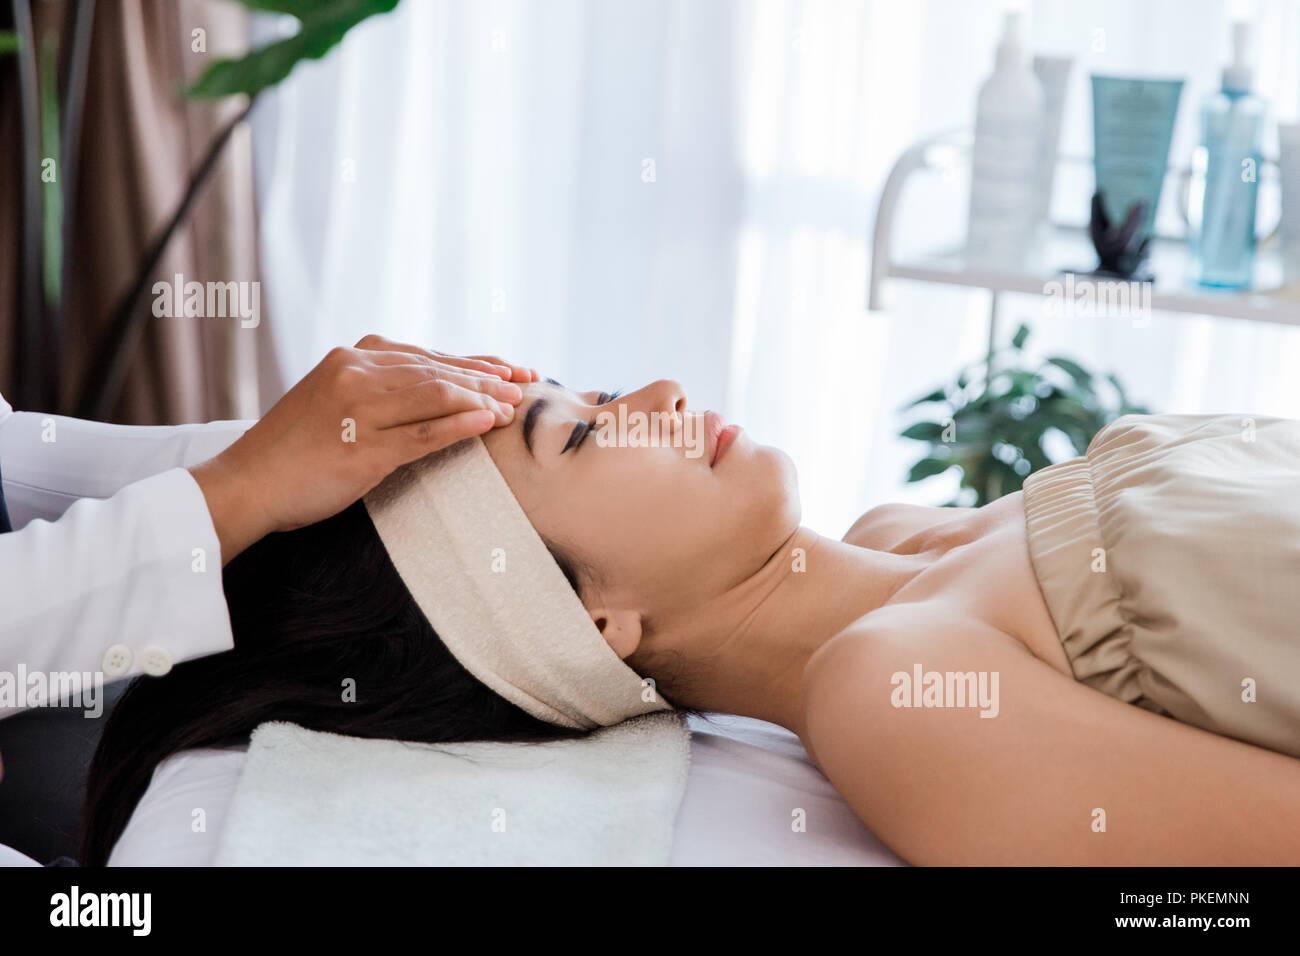 Close up woman enjoying massage - Stock Image